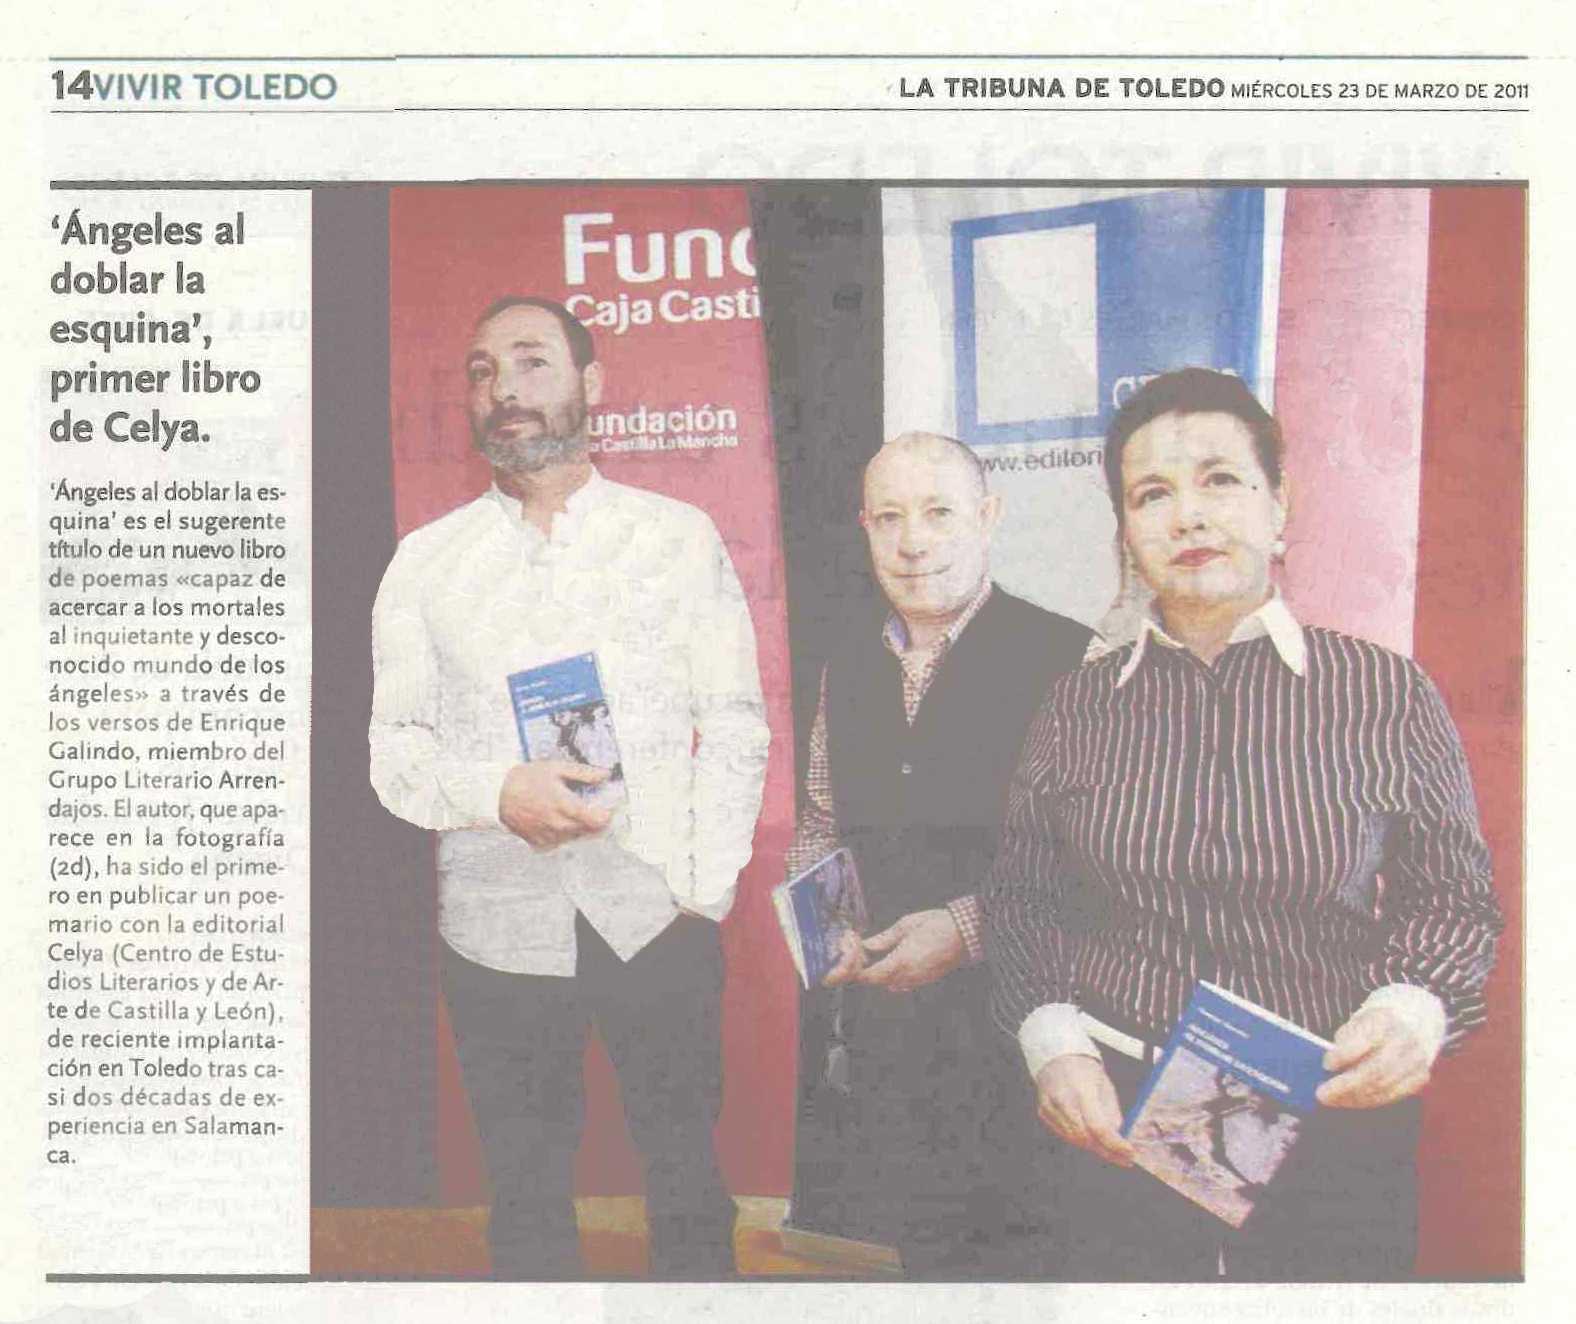 TRIBUNA DE TOLEDO: Presentación del libro